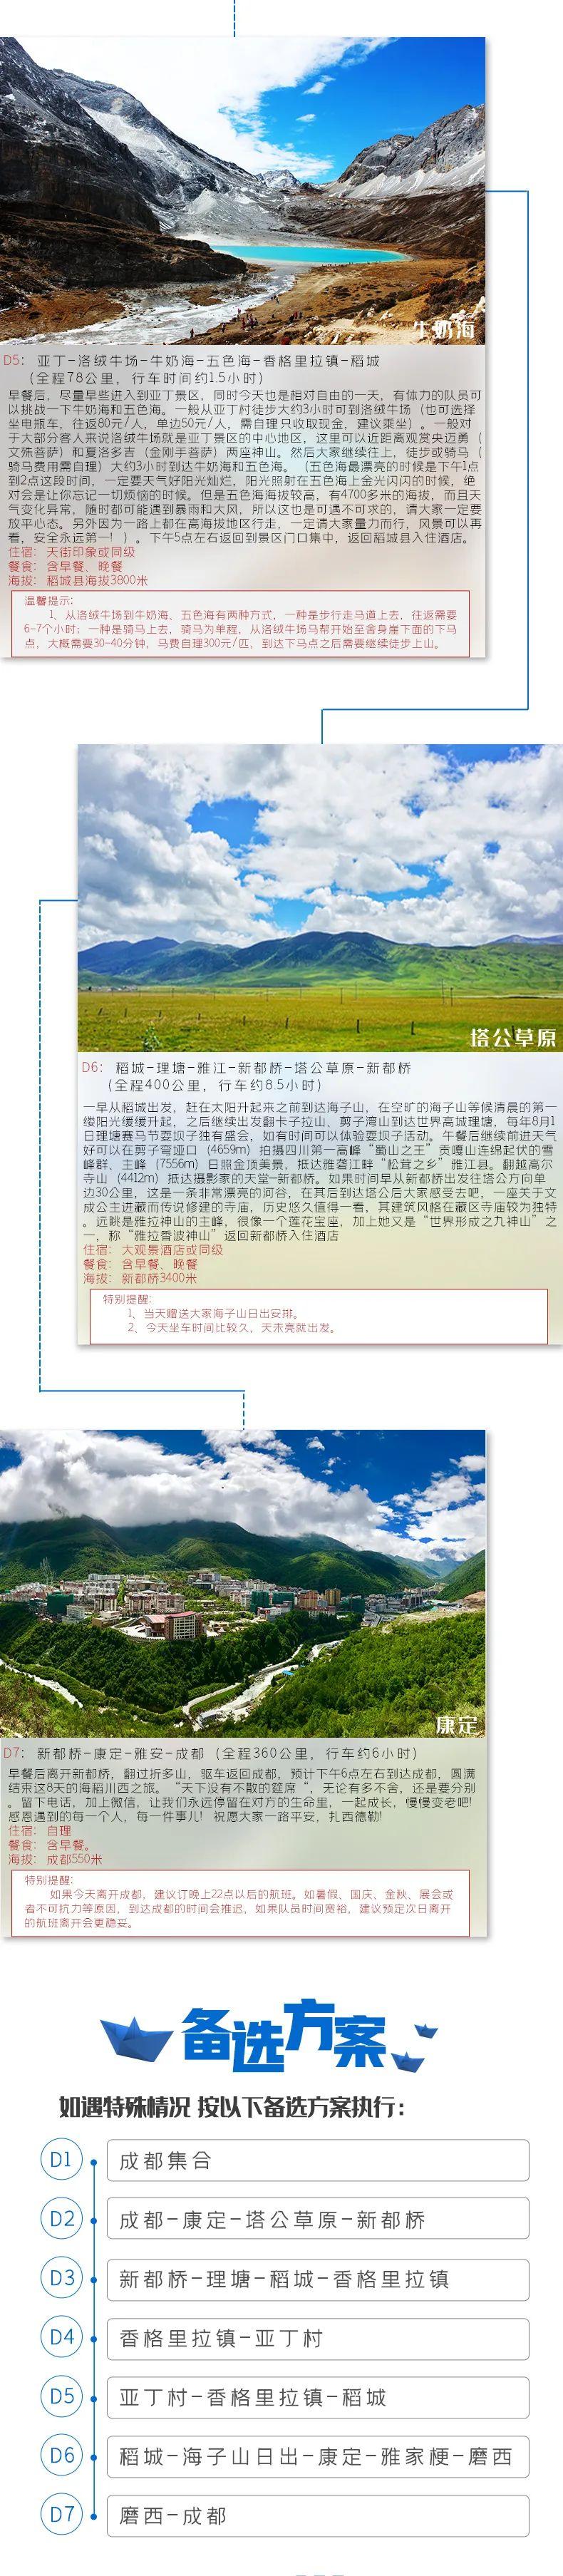 (9)【海稻传奇】稻城亚丁海螺沟红石滩冰川深度7日游-户外活动图-驼铃网